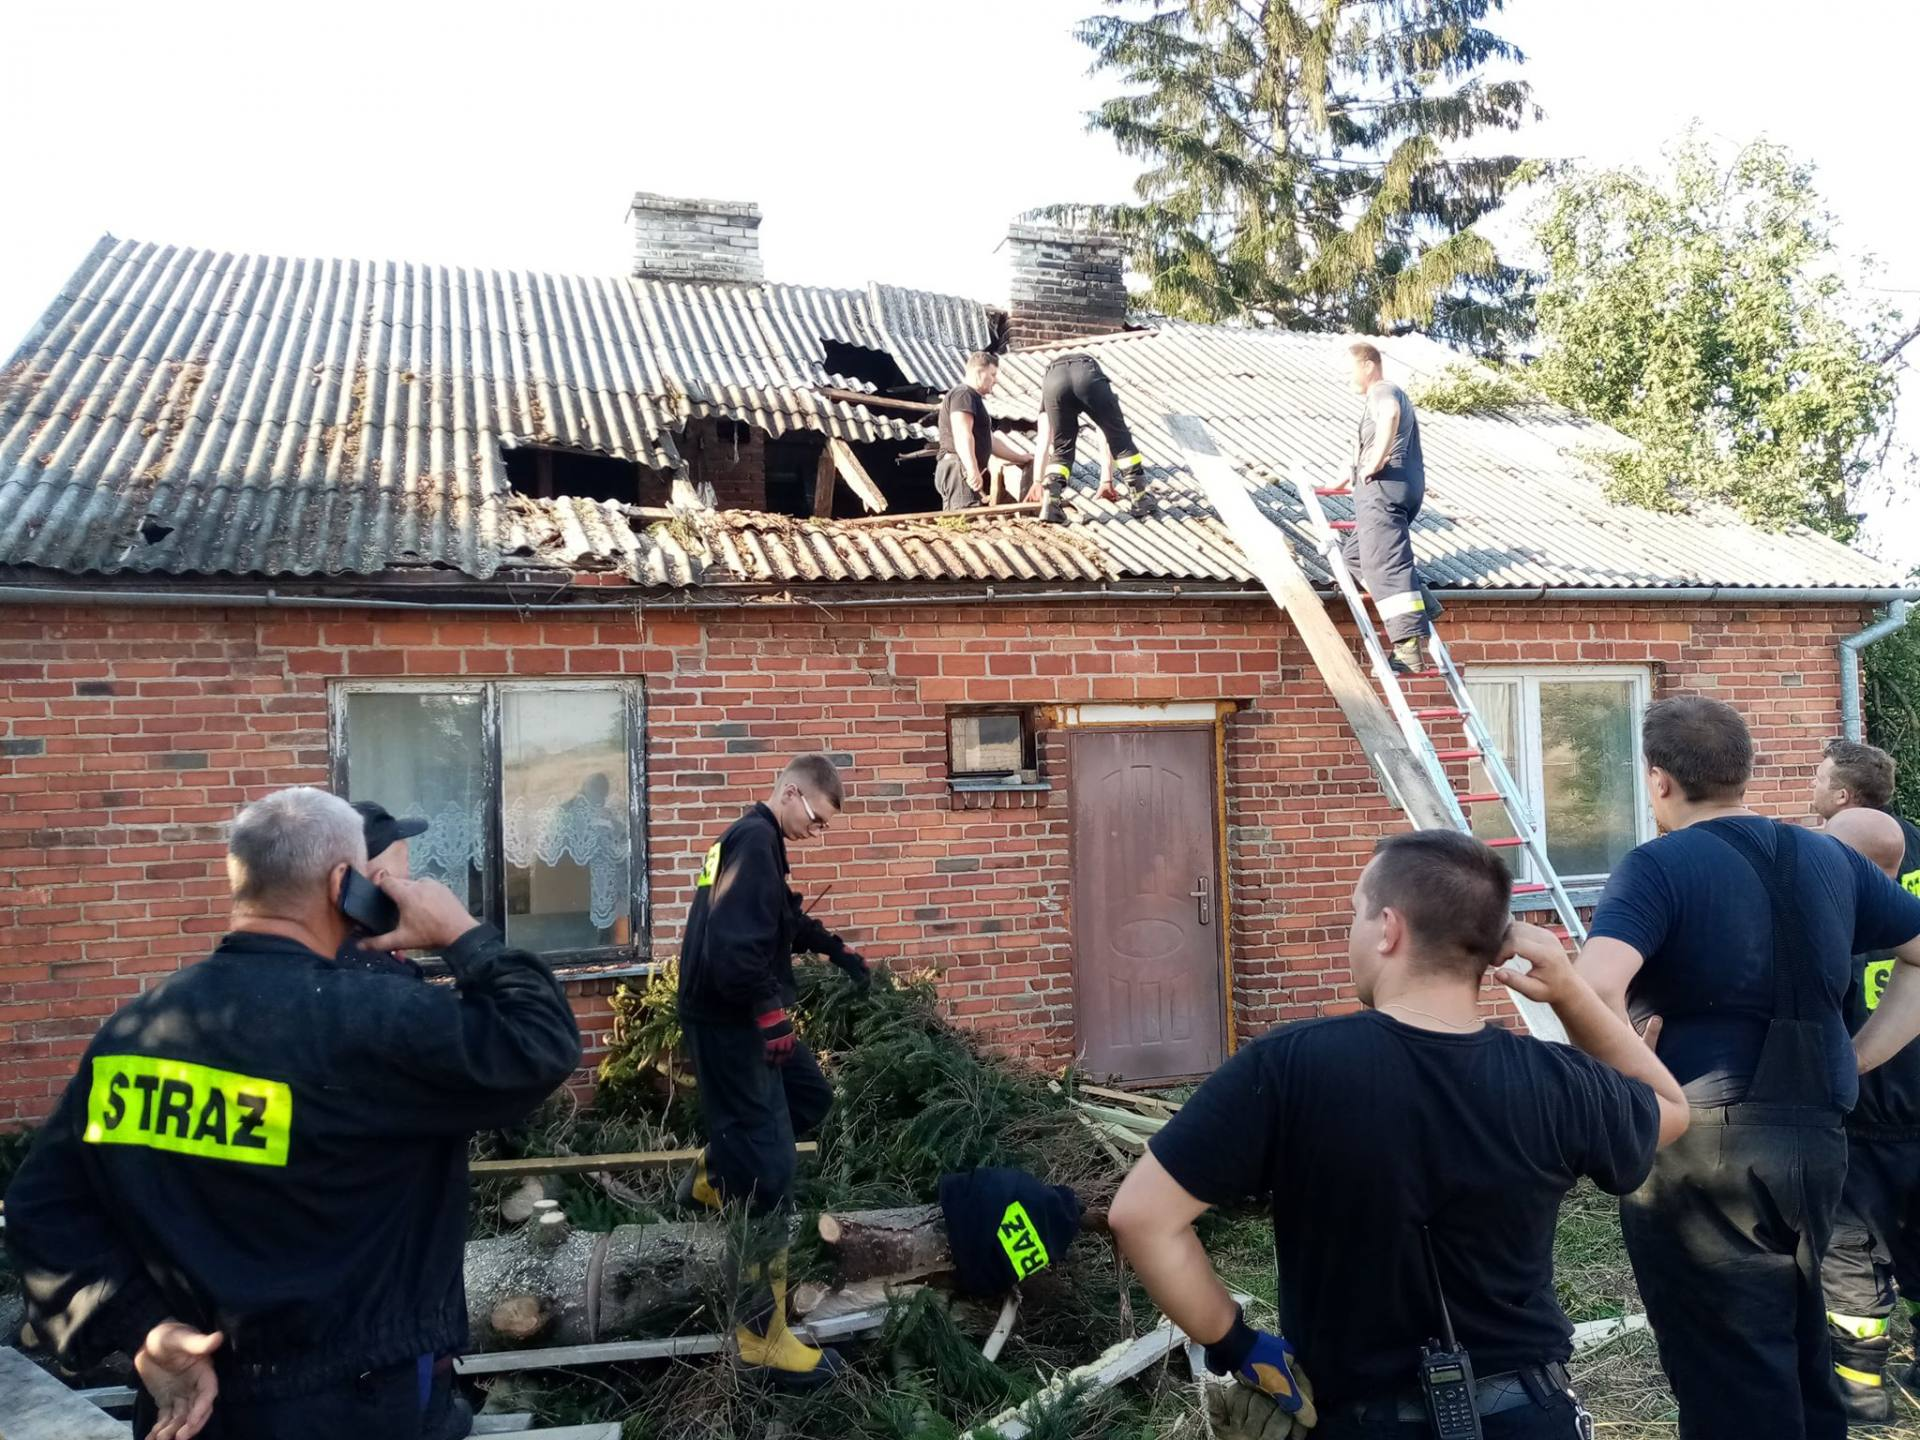 burza 10 Zerwane dachy, połamane drzewa, uszkodzone samochody. Straty po burzy, która przeszła nad Zamojszczyzną